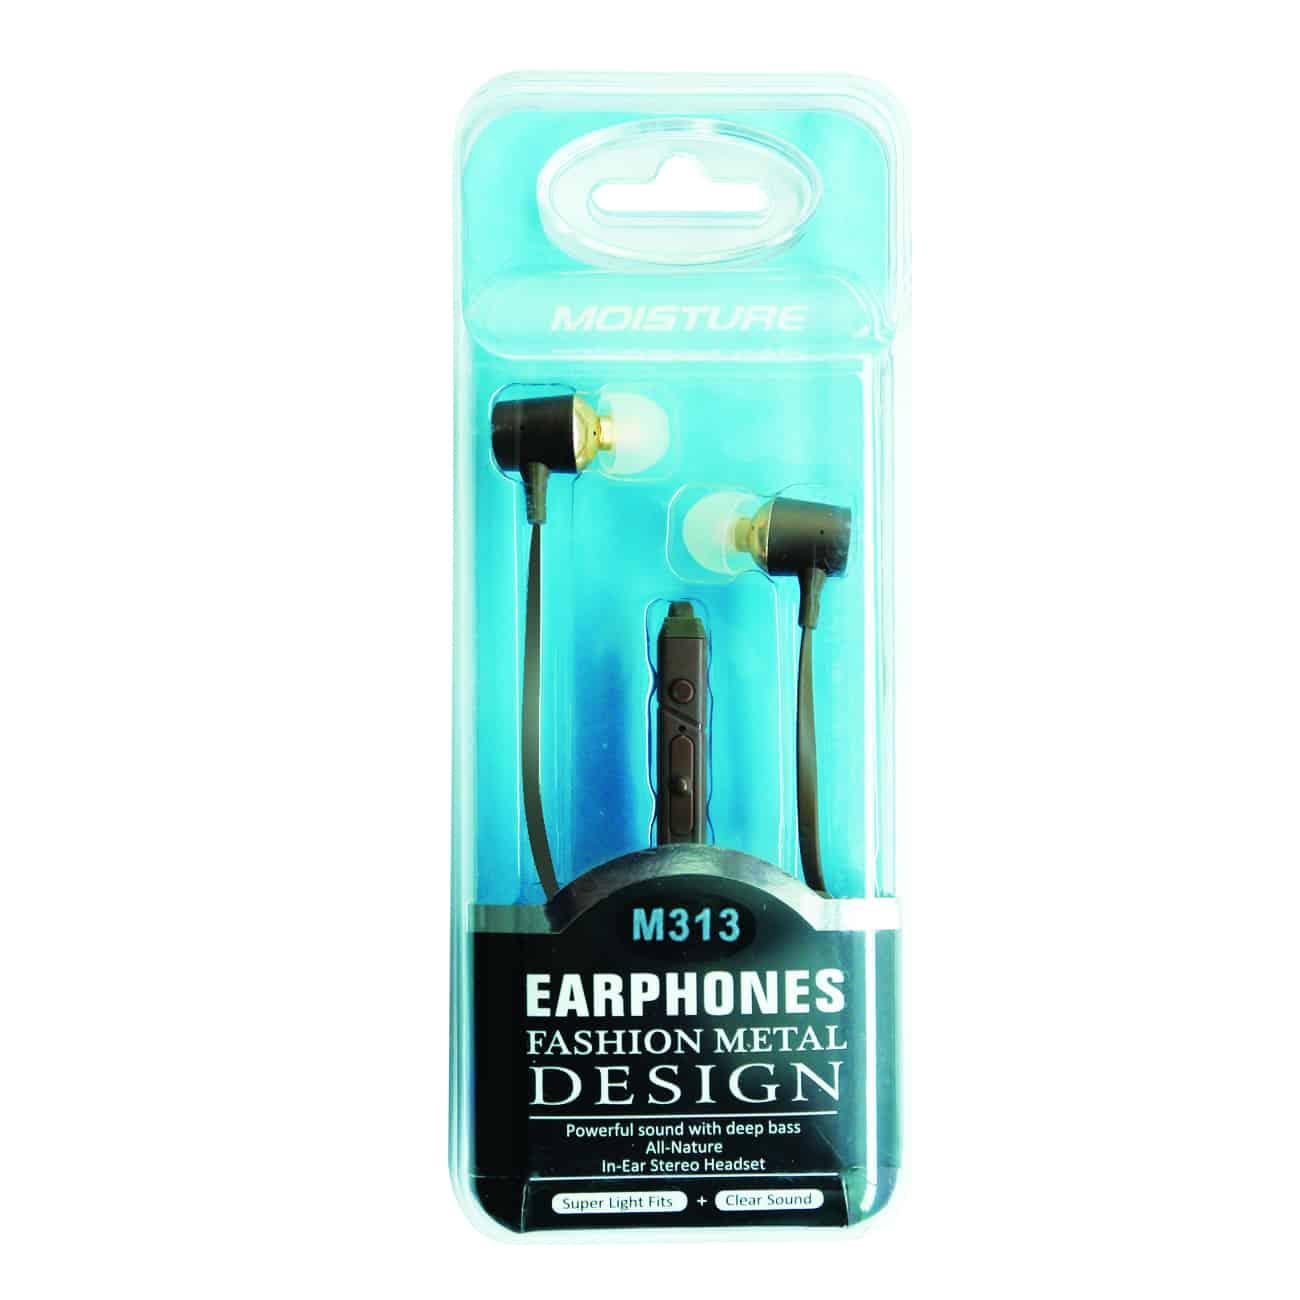 Fashion Metal In-ear headphones in Brown